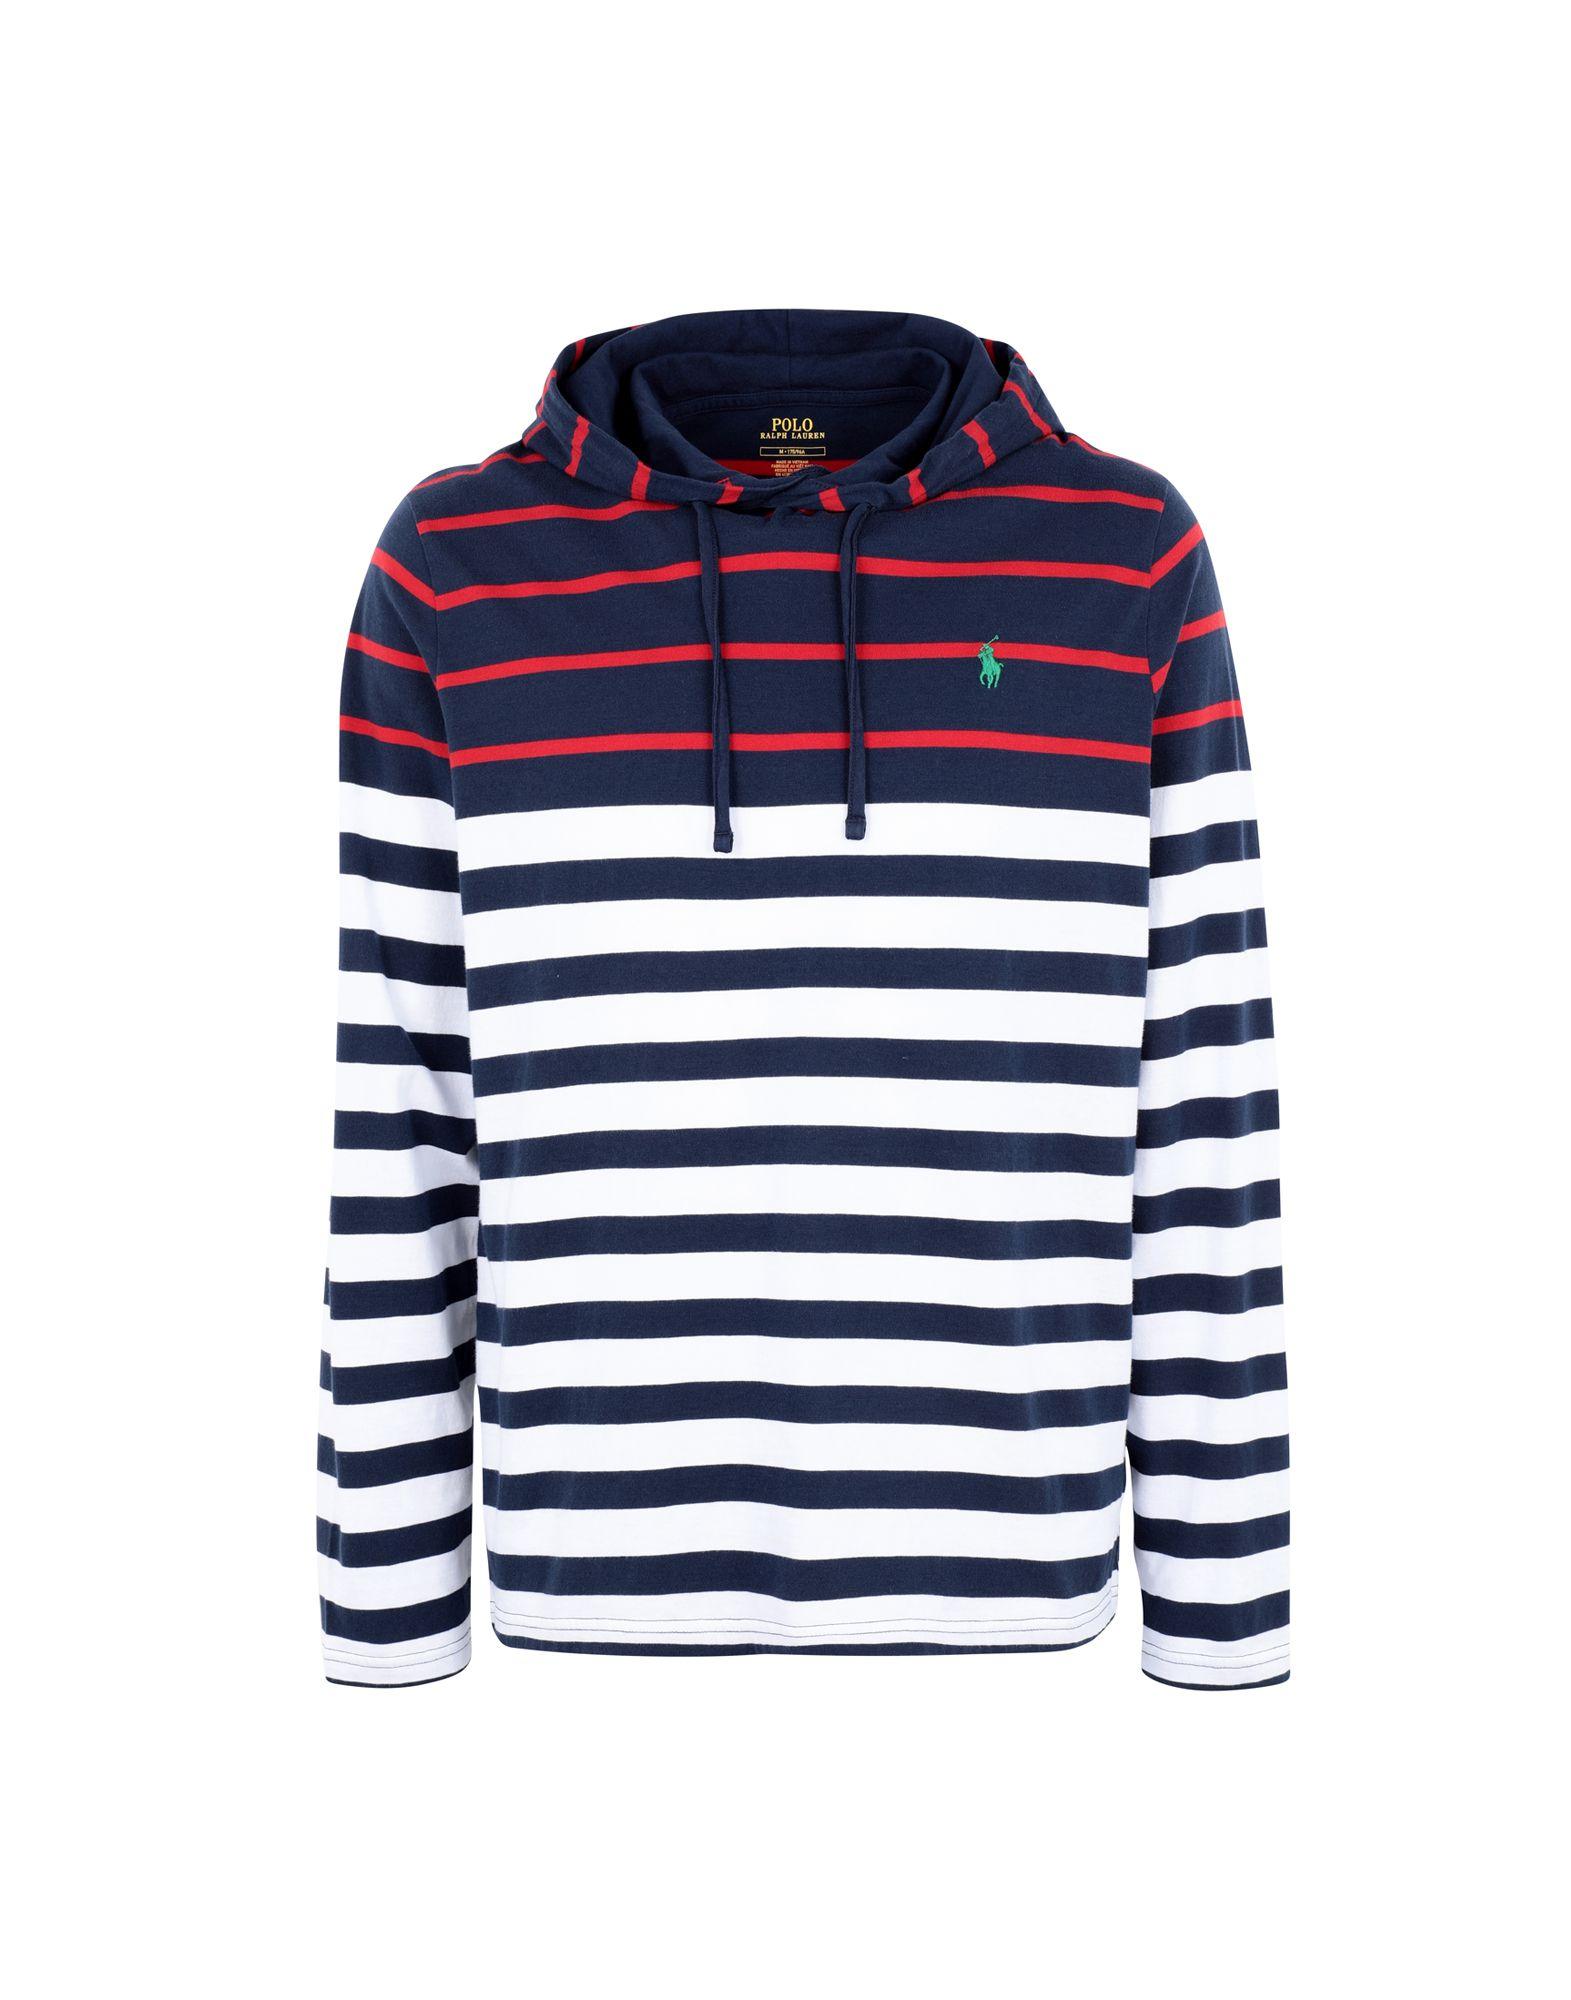 《期間限定セール中》POLO RALPH LAUREN メンズ T シャツ ダークブルー XS コットン 100% Striped Cotton Hooded Tee